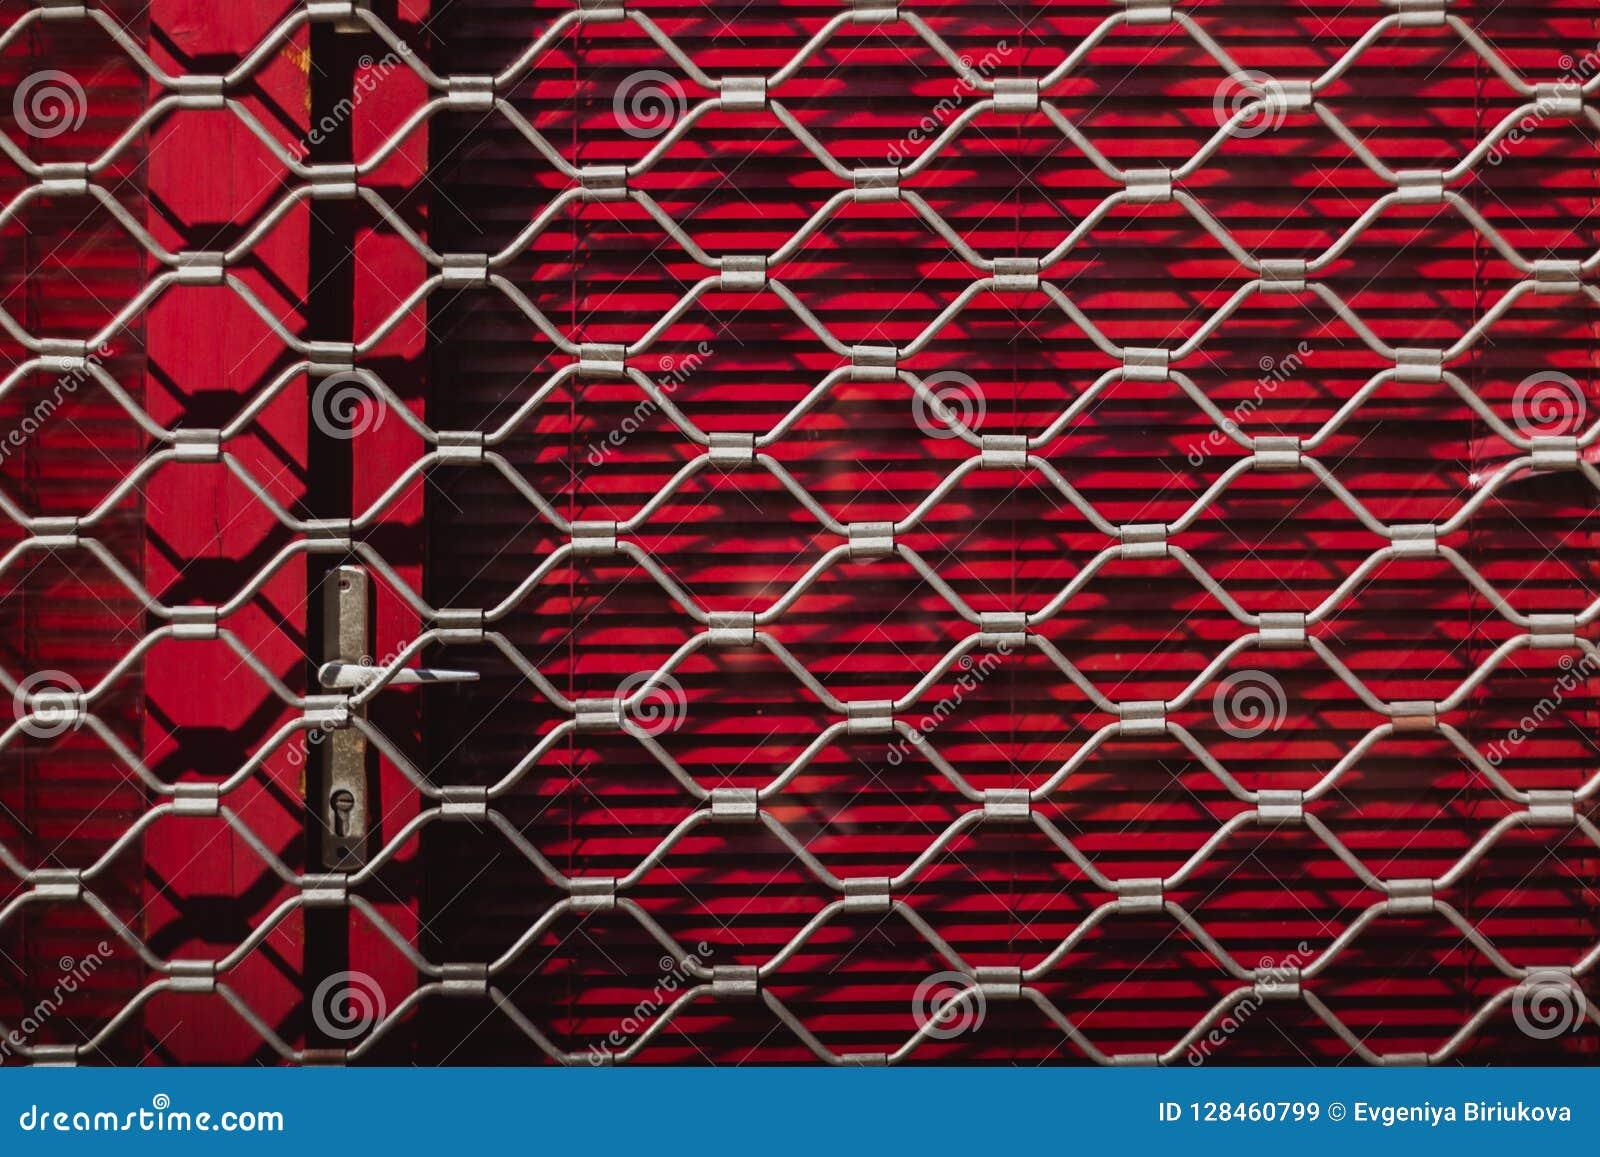 железная текстура стального гриля на красном цвете закрывает